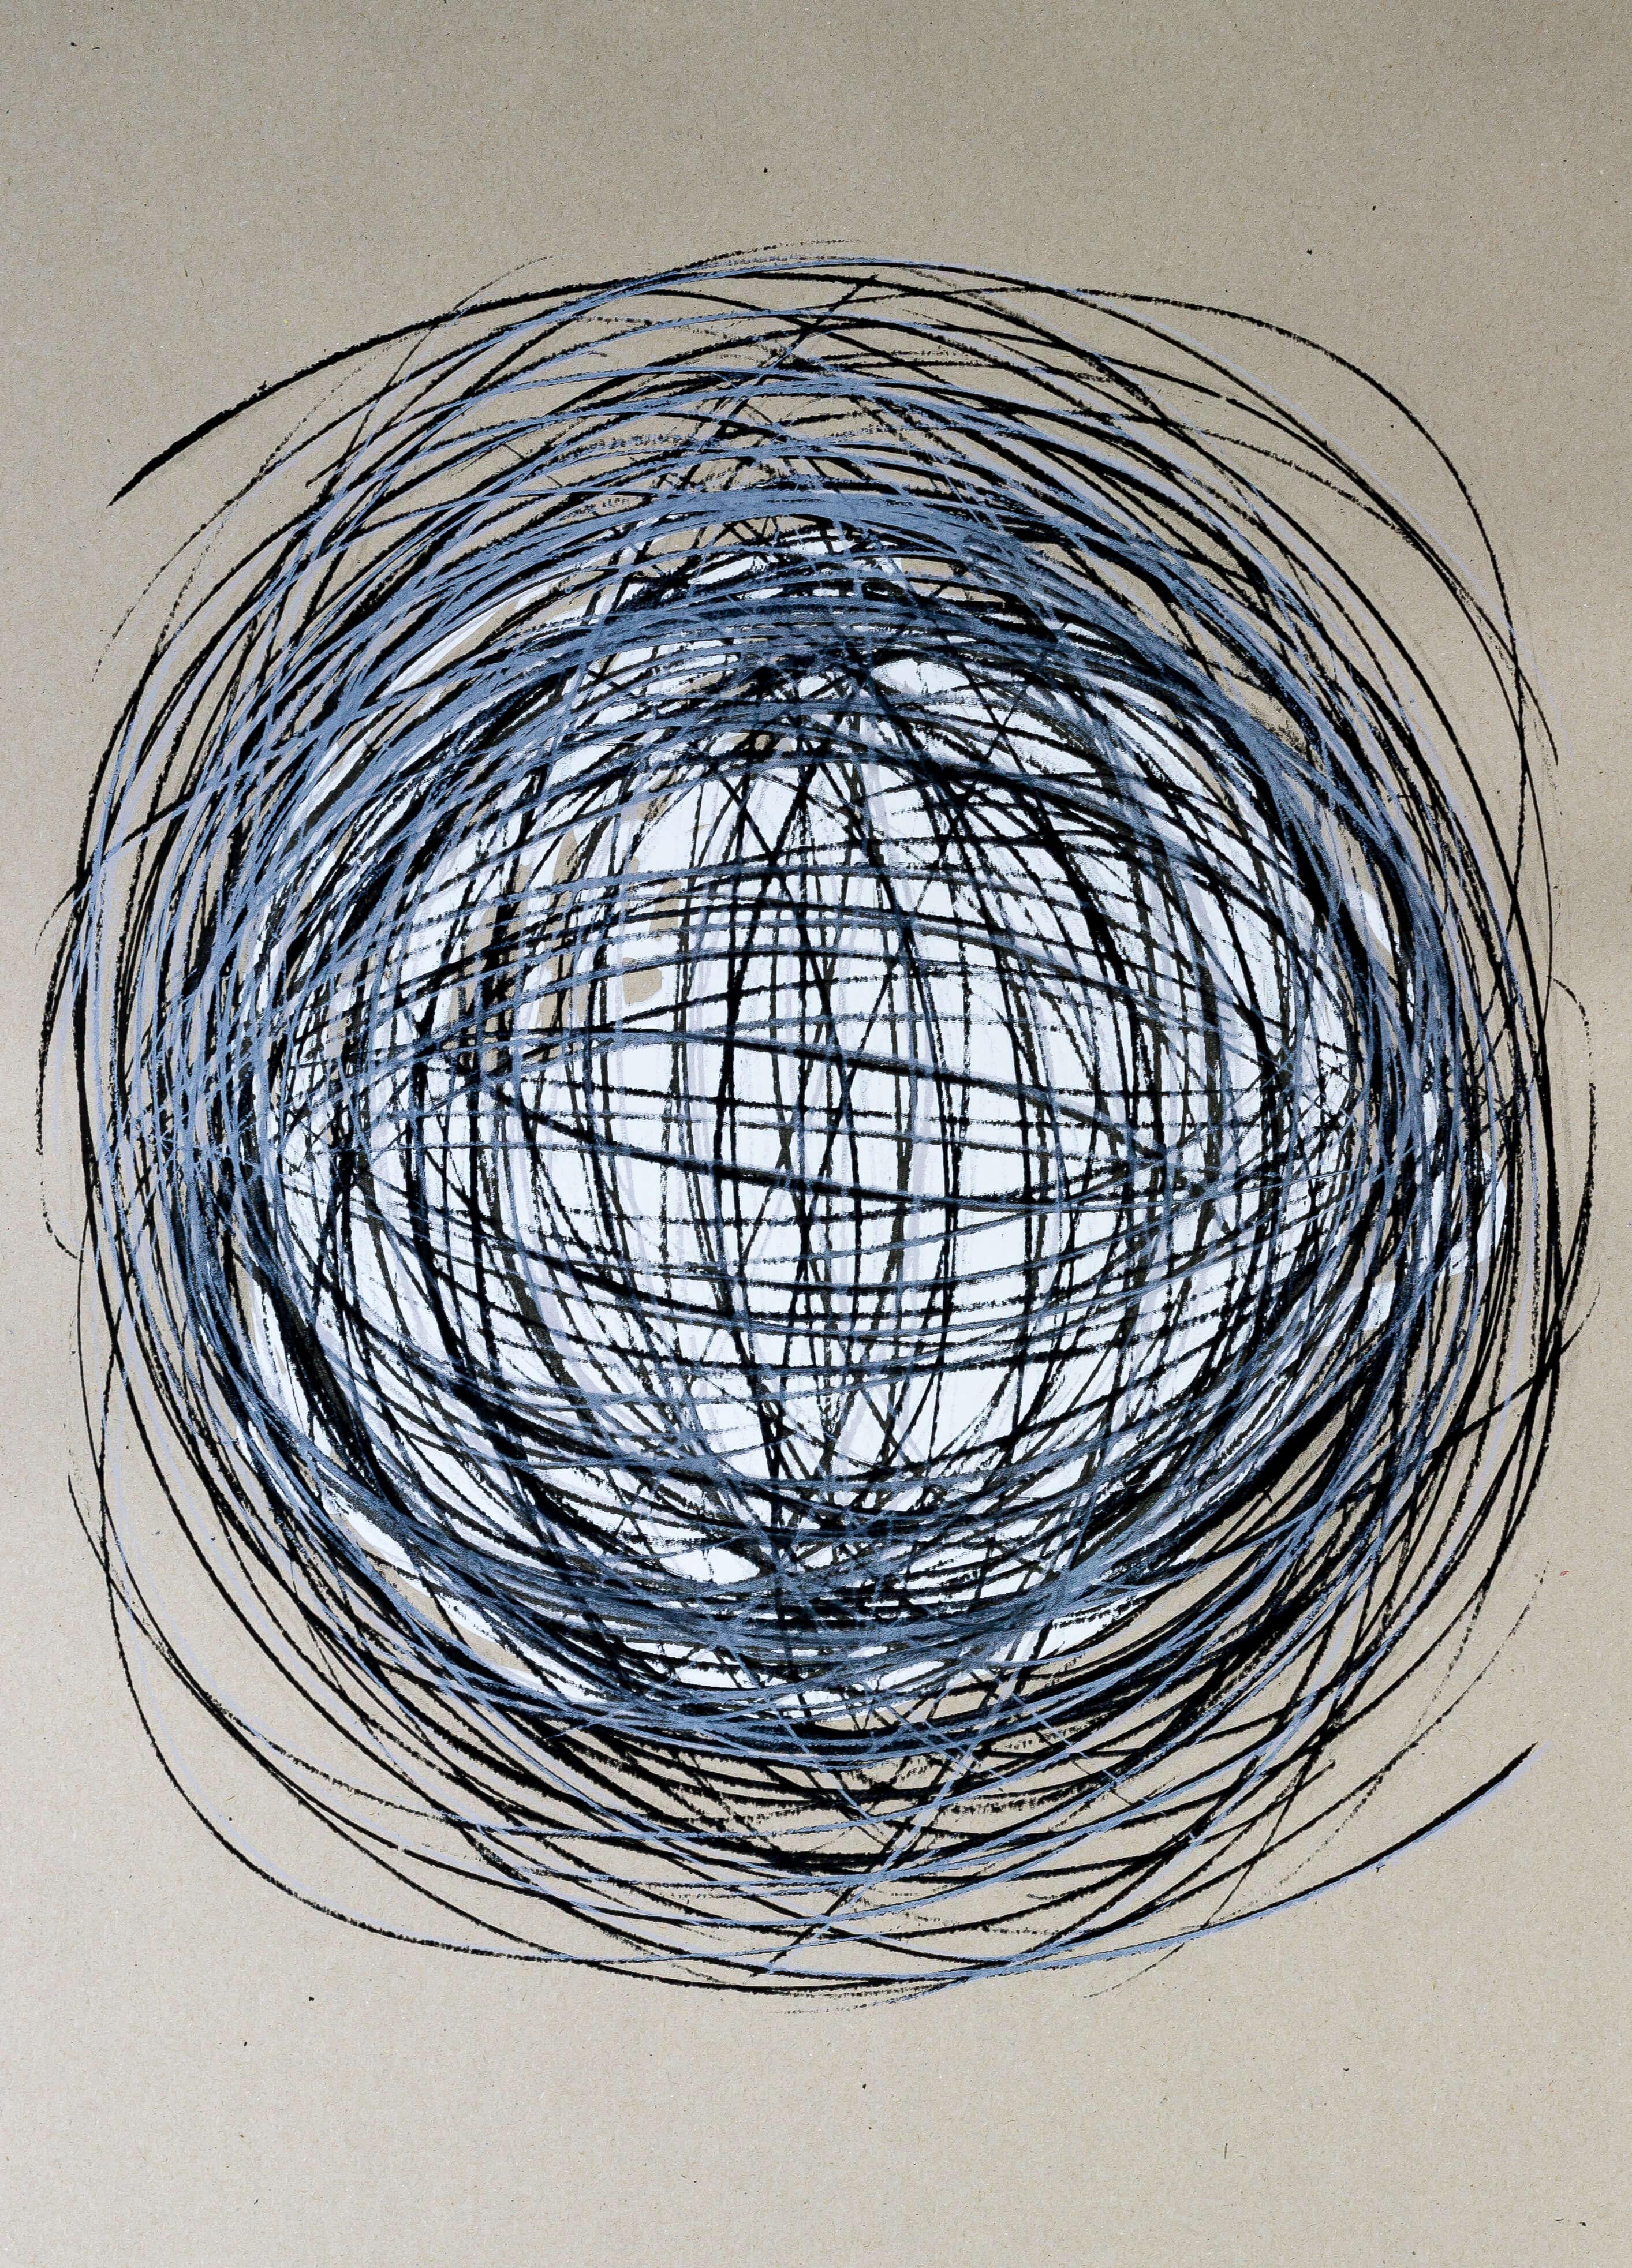 Katharina Albers, Transformation XXXIII, 2011, Siebdruck, Unikat, 59,5x42cm